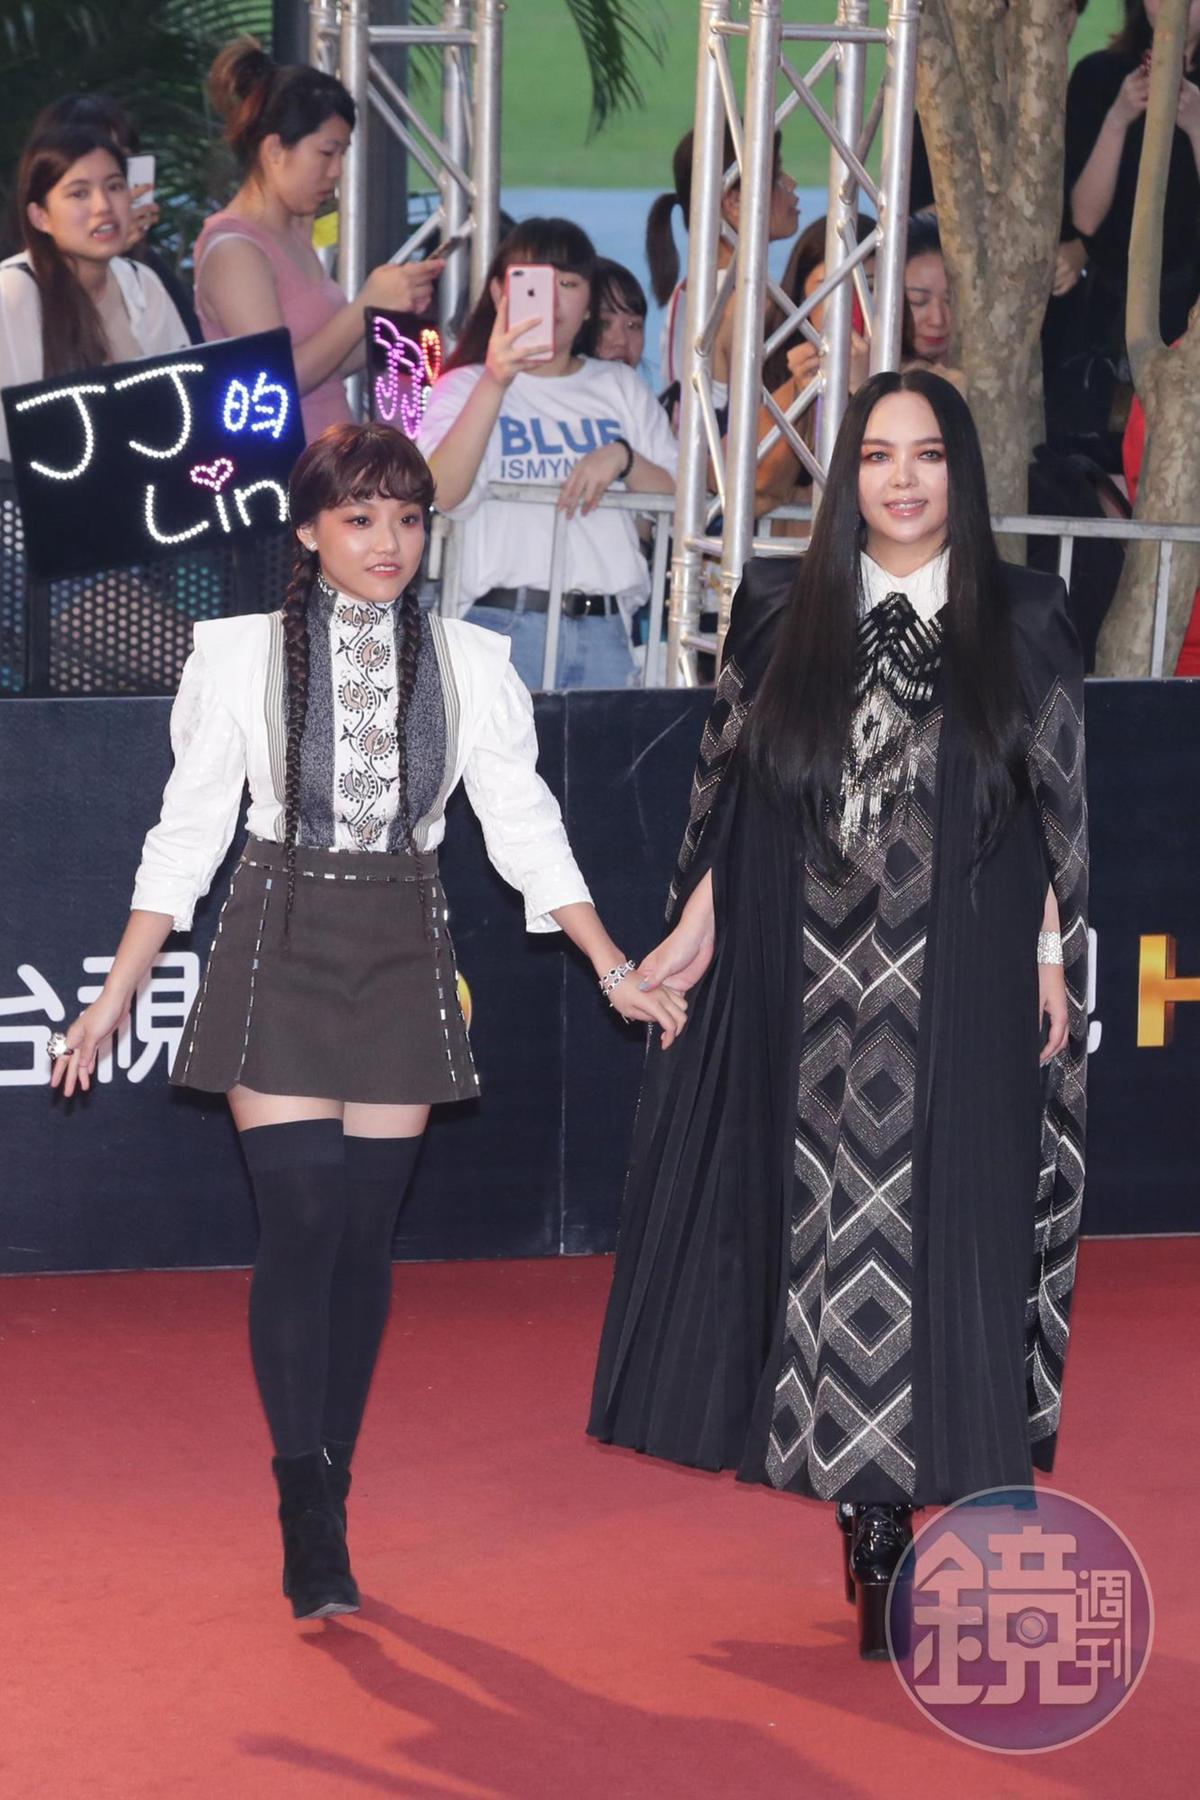 張惠妹被初選評審袁永興稱有「嚴重失誤」,金曲獎只獲得一個獎項。